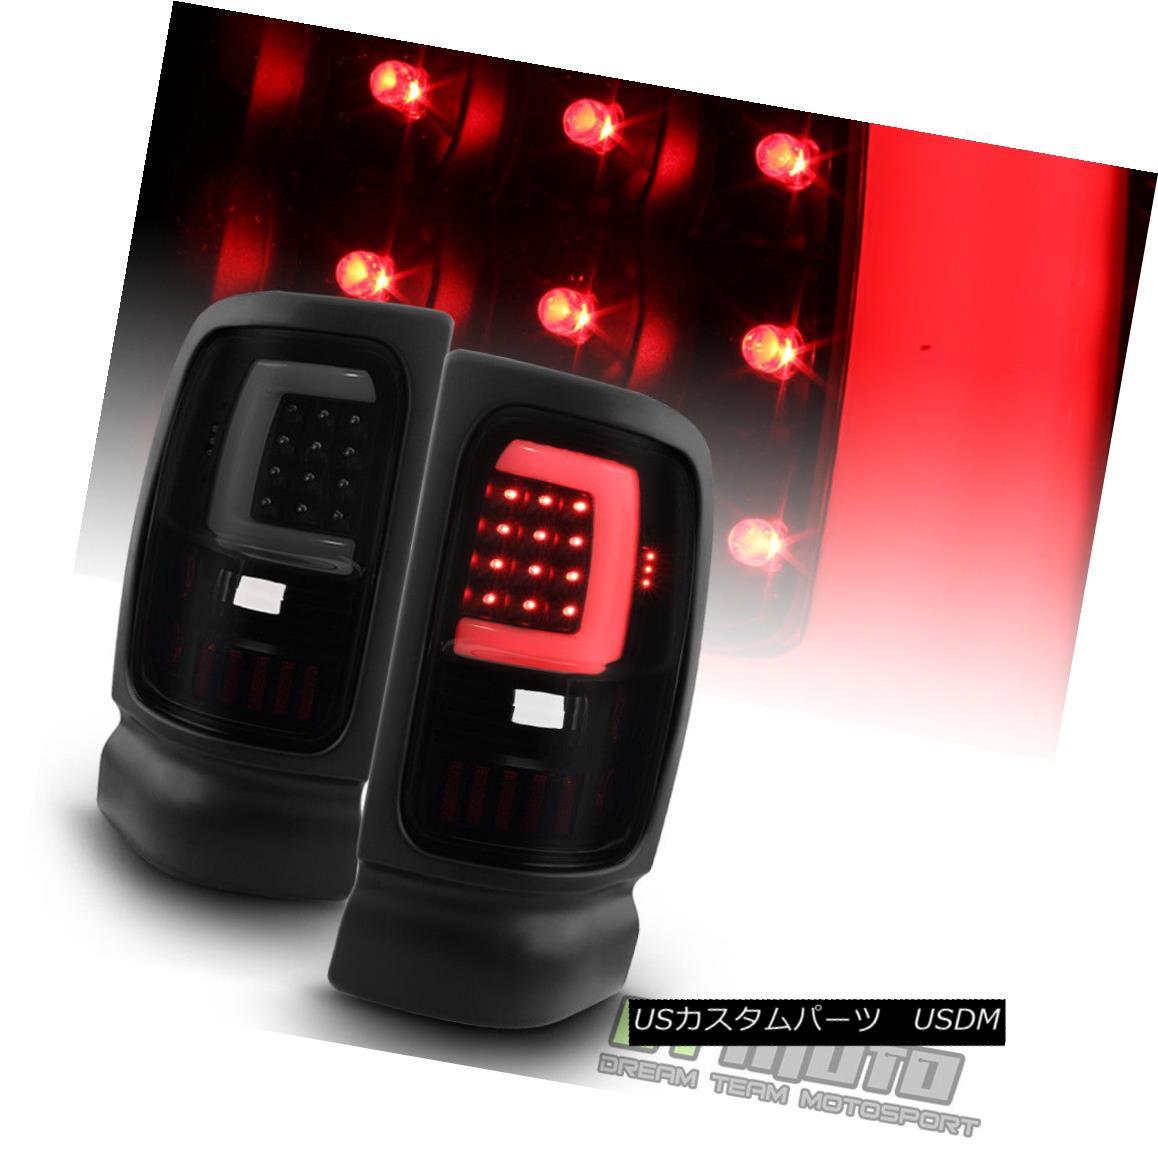 テールライト Black Smoke 1994-2001 Dodge Ram 1500 2500 3500 LED Tube Tail Lights Brake Lamps ブラックスモーク1994-2001ドッジラム1500 2500 3500 LEDチューブテールライトブレーキランプ